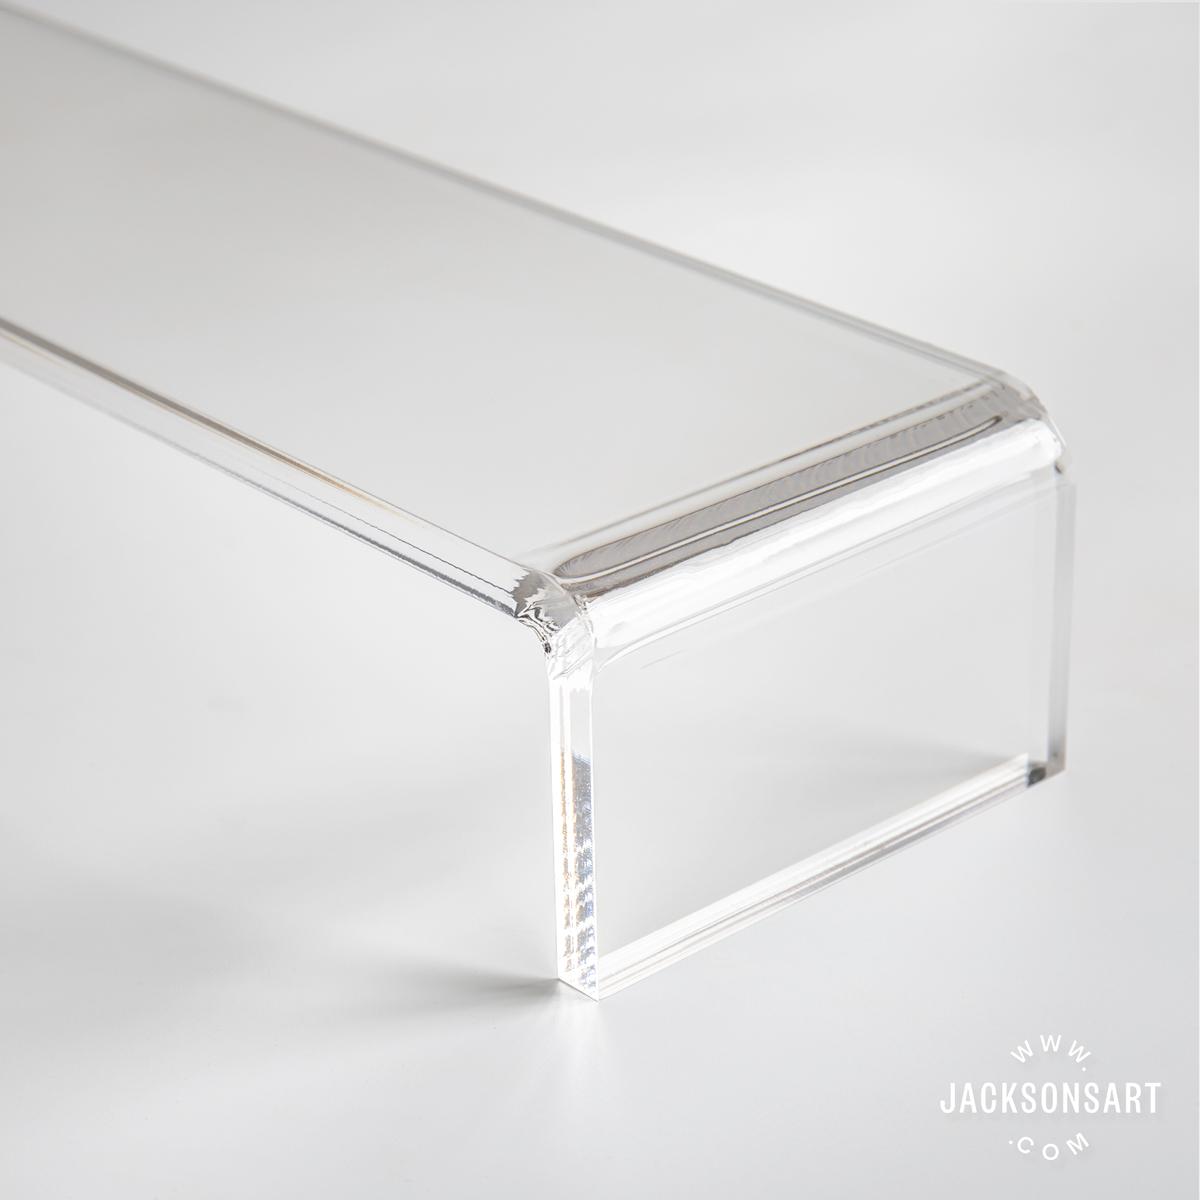 Jackson's Perspex Artist Leaning Bridge